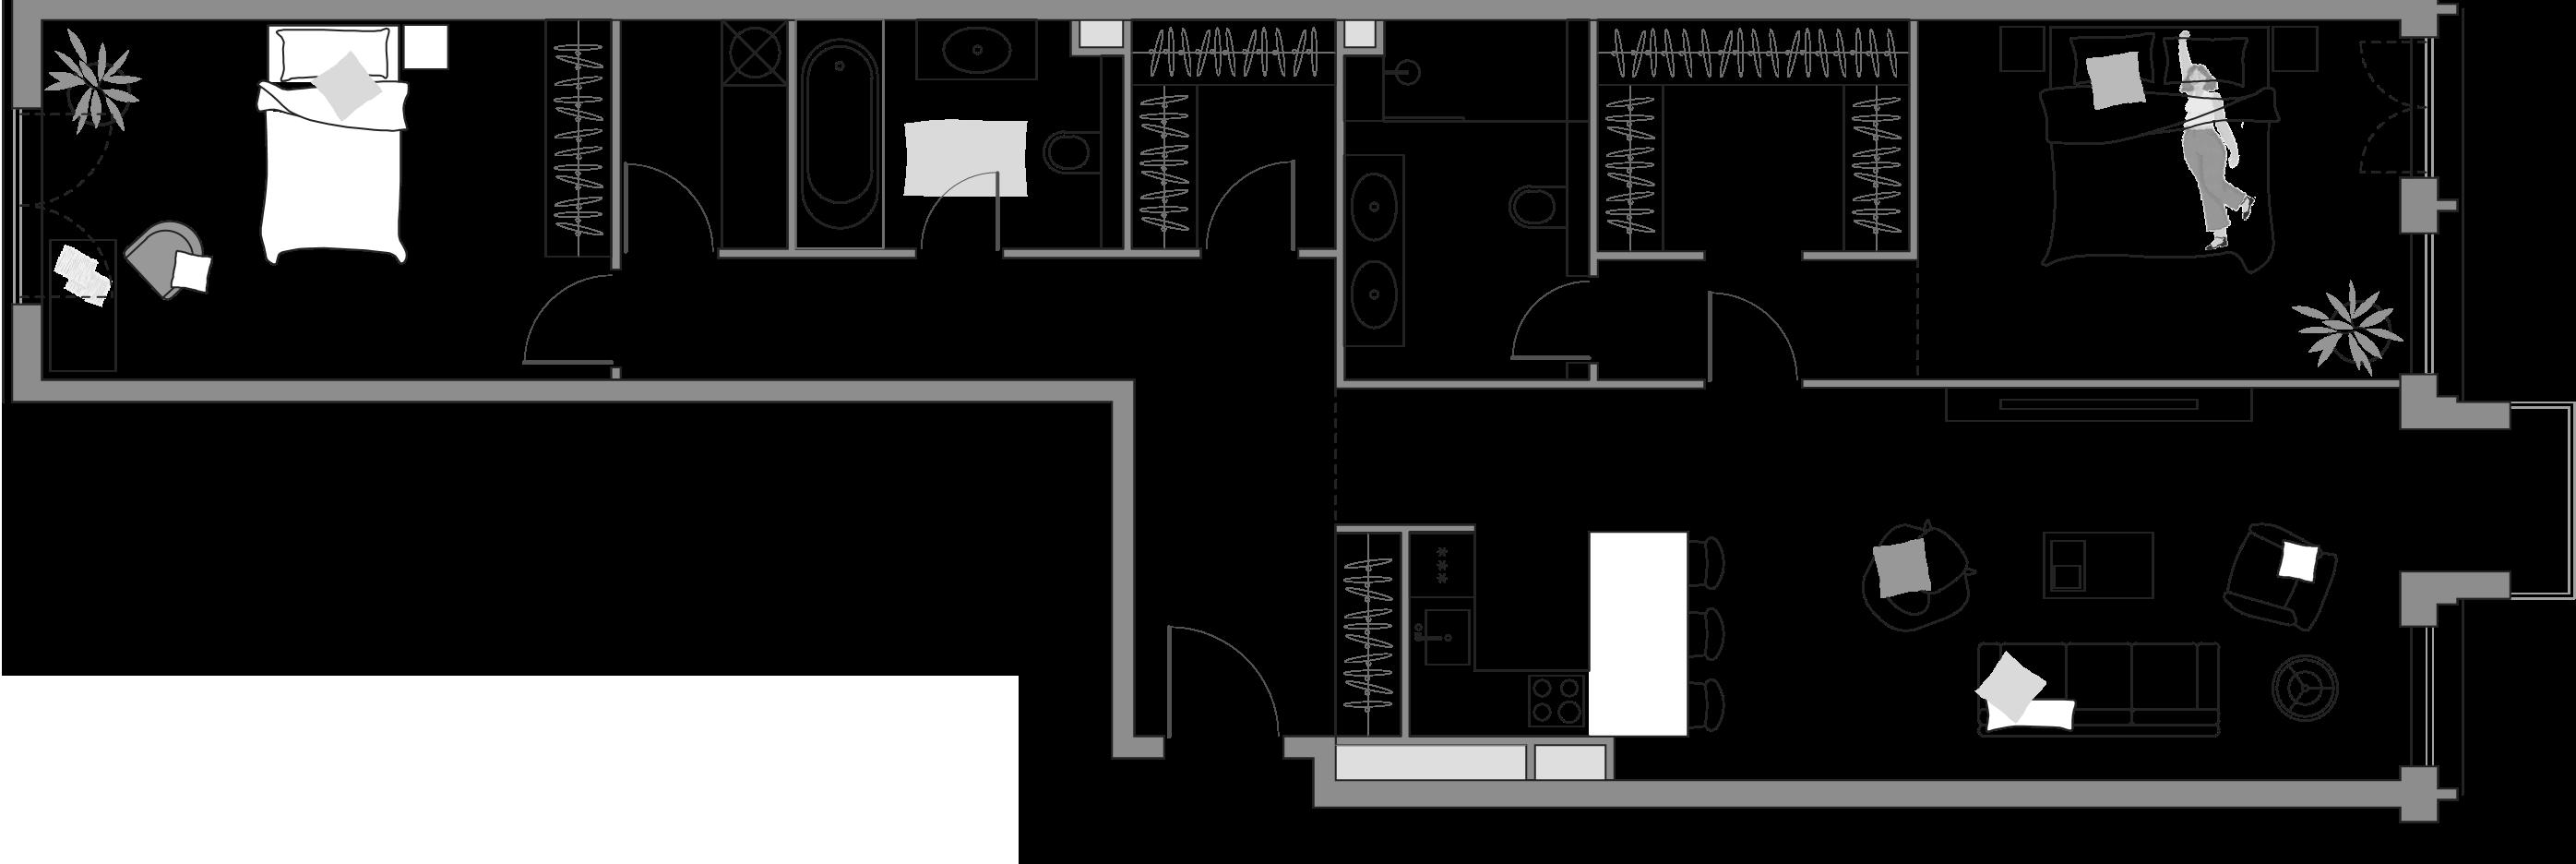 3-к.кв (евро), 109.93 м²